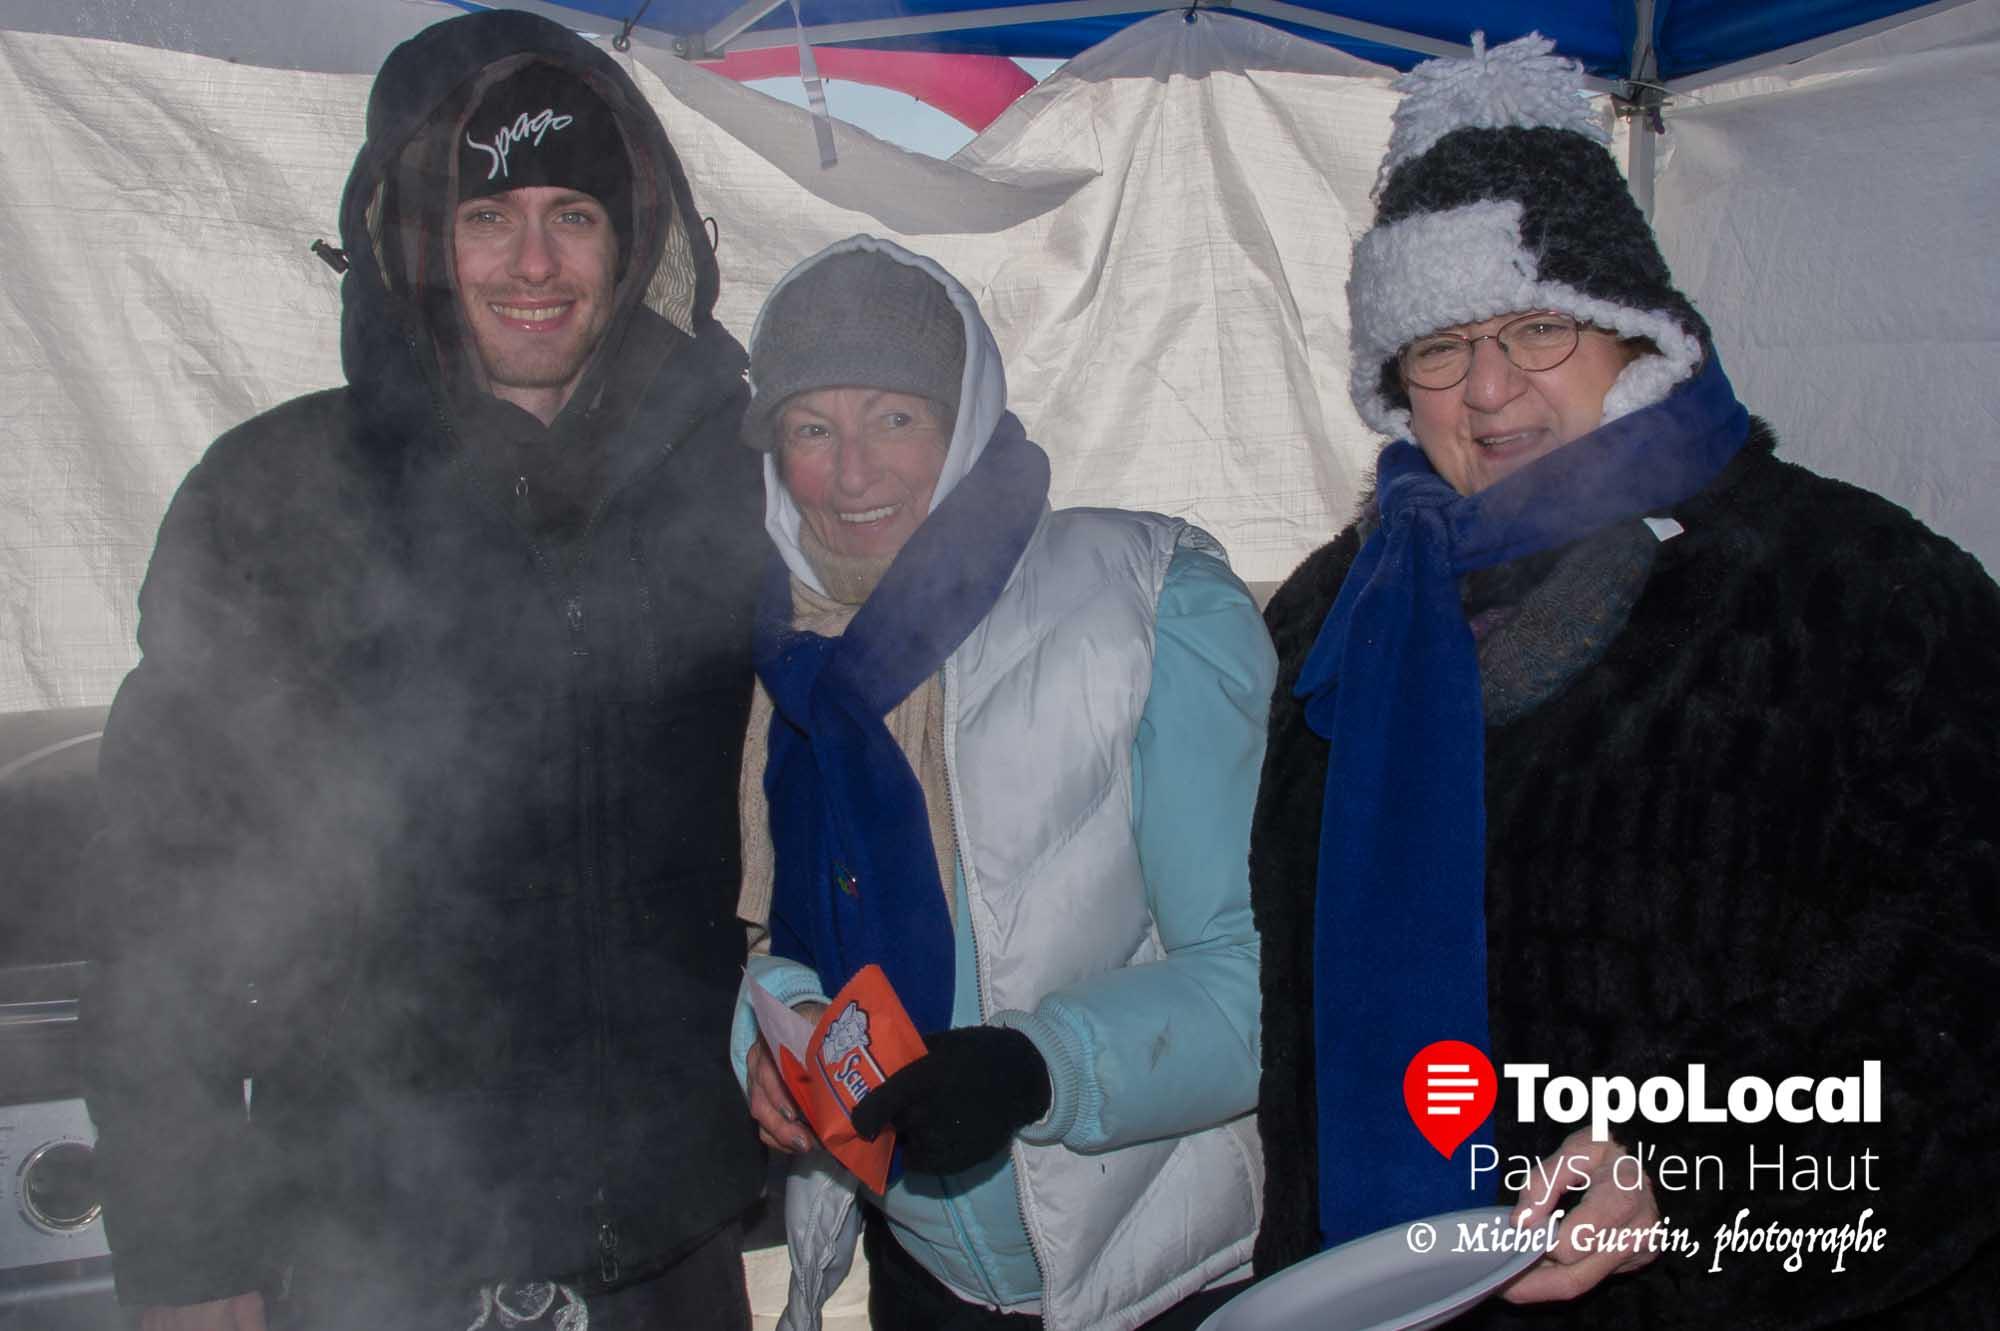 Gabriel DiPatria chef au Spago accompagné de Cécile Rioux et Diane Godin ont servi des hot dog « spécial saucisse italienne » aux coureurs et bénévoles.